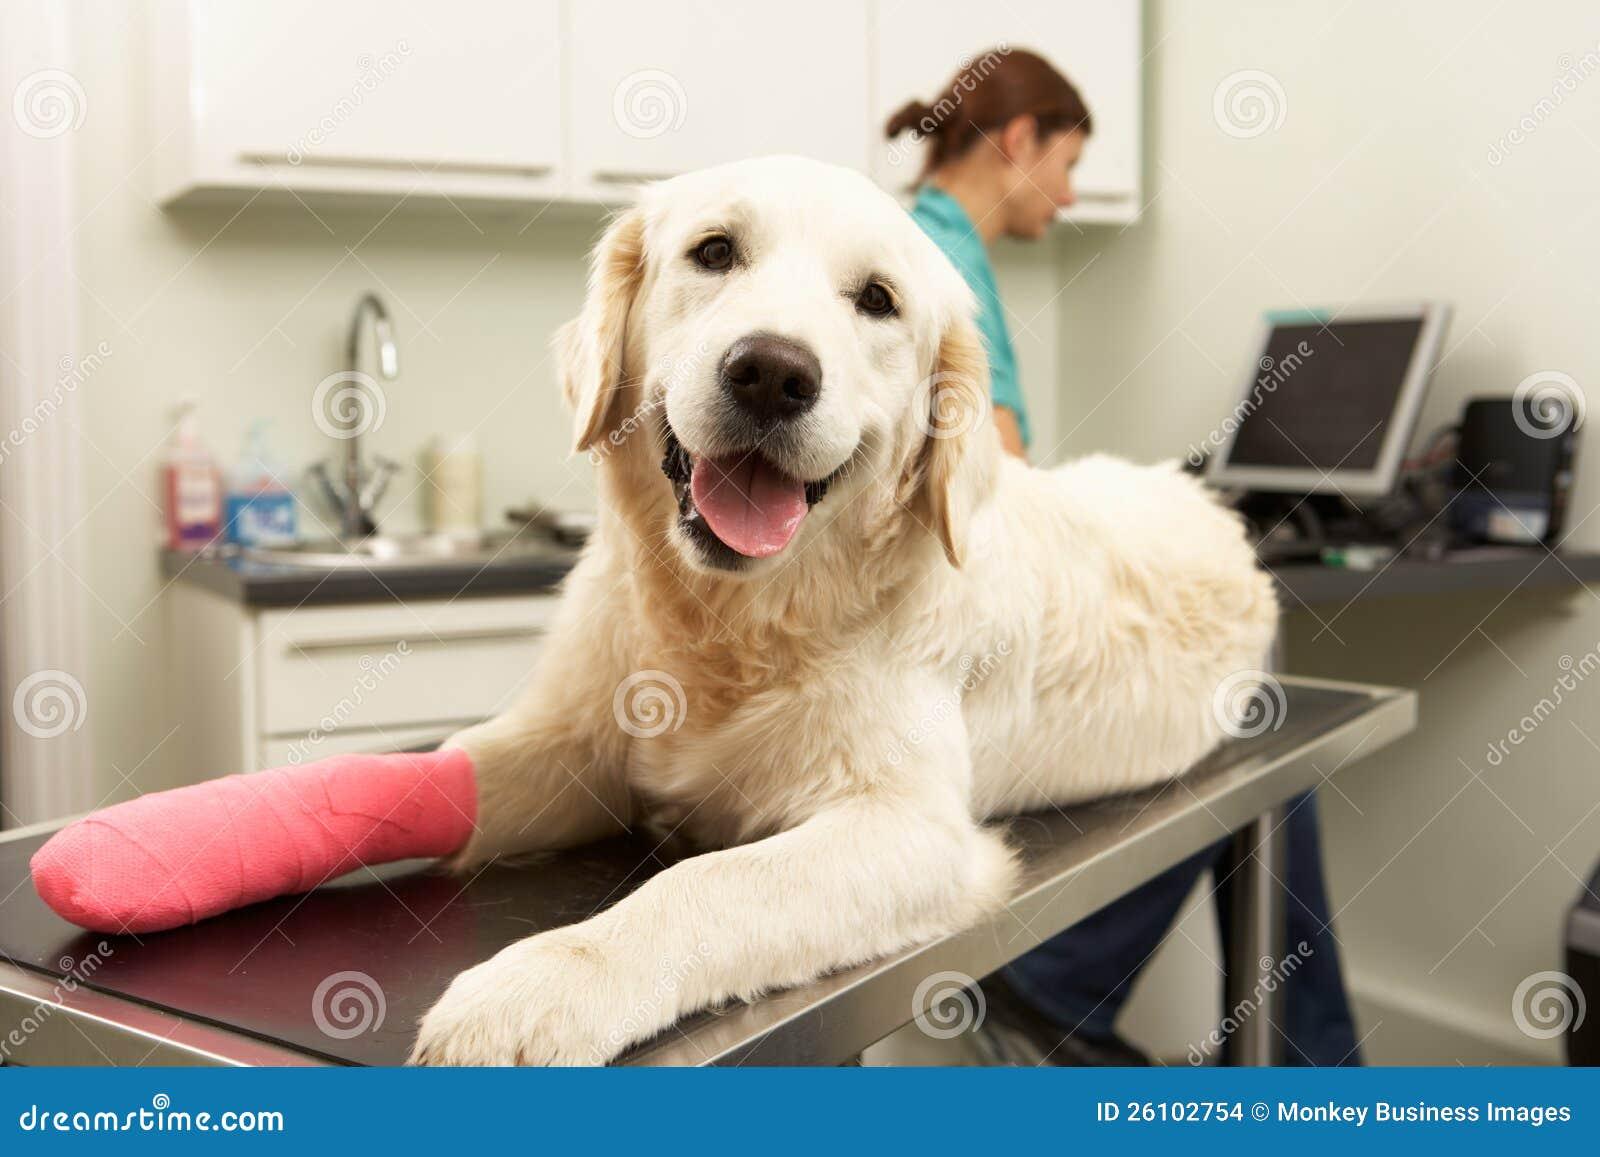 对待狗的女性兽医